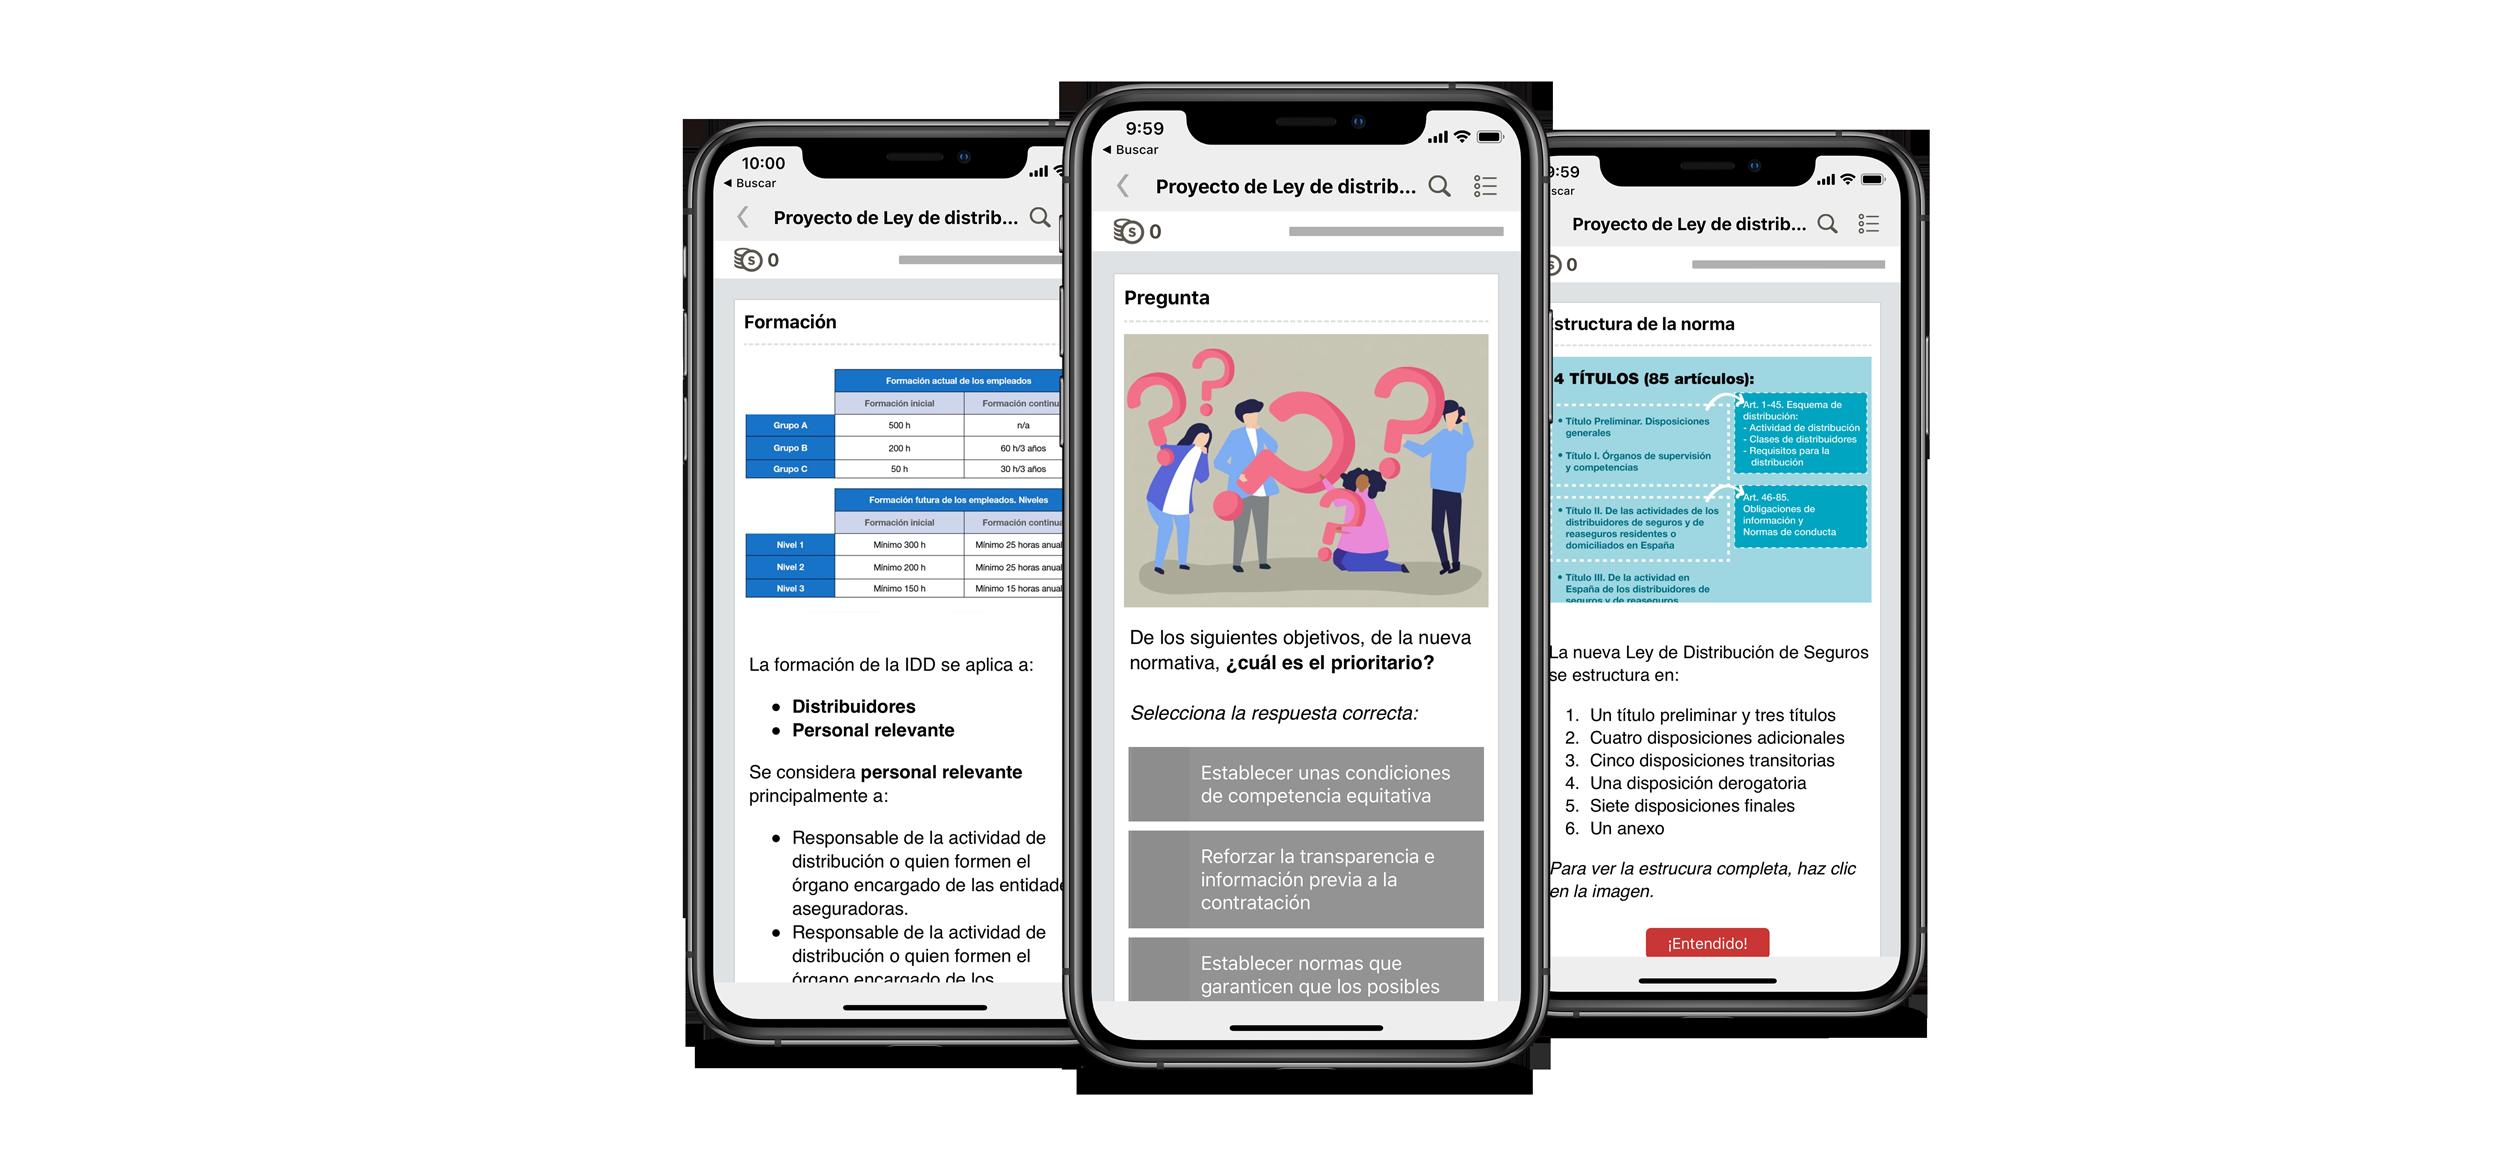 Microcurso de introducción a IDD, la nueva Directiva de Distribución de Seguros